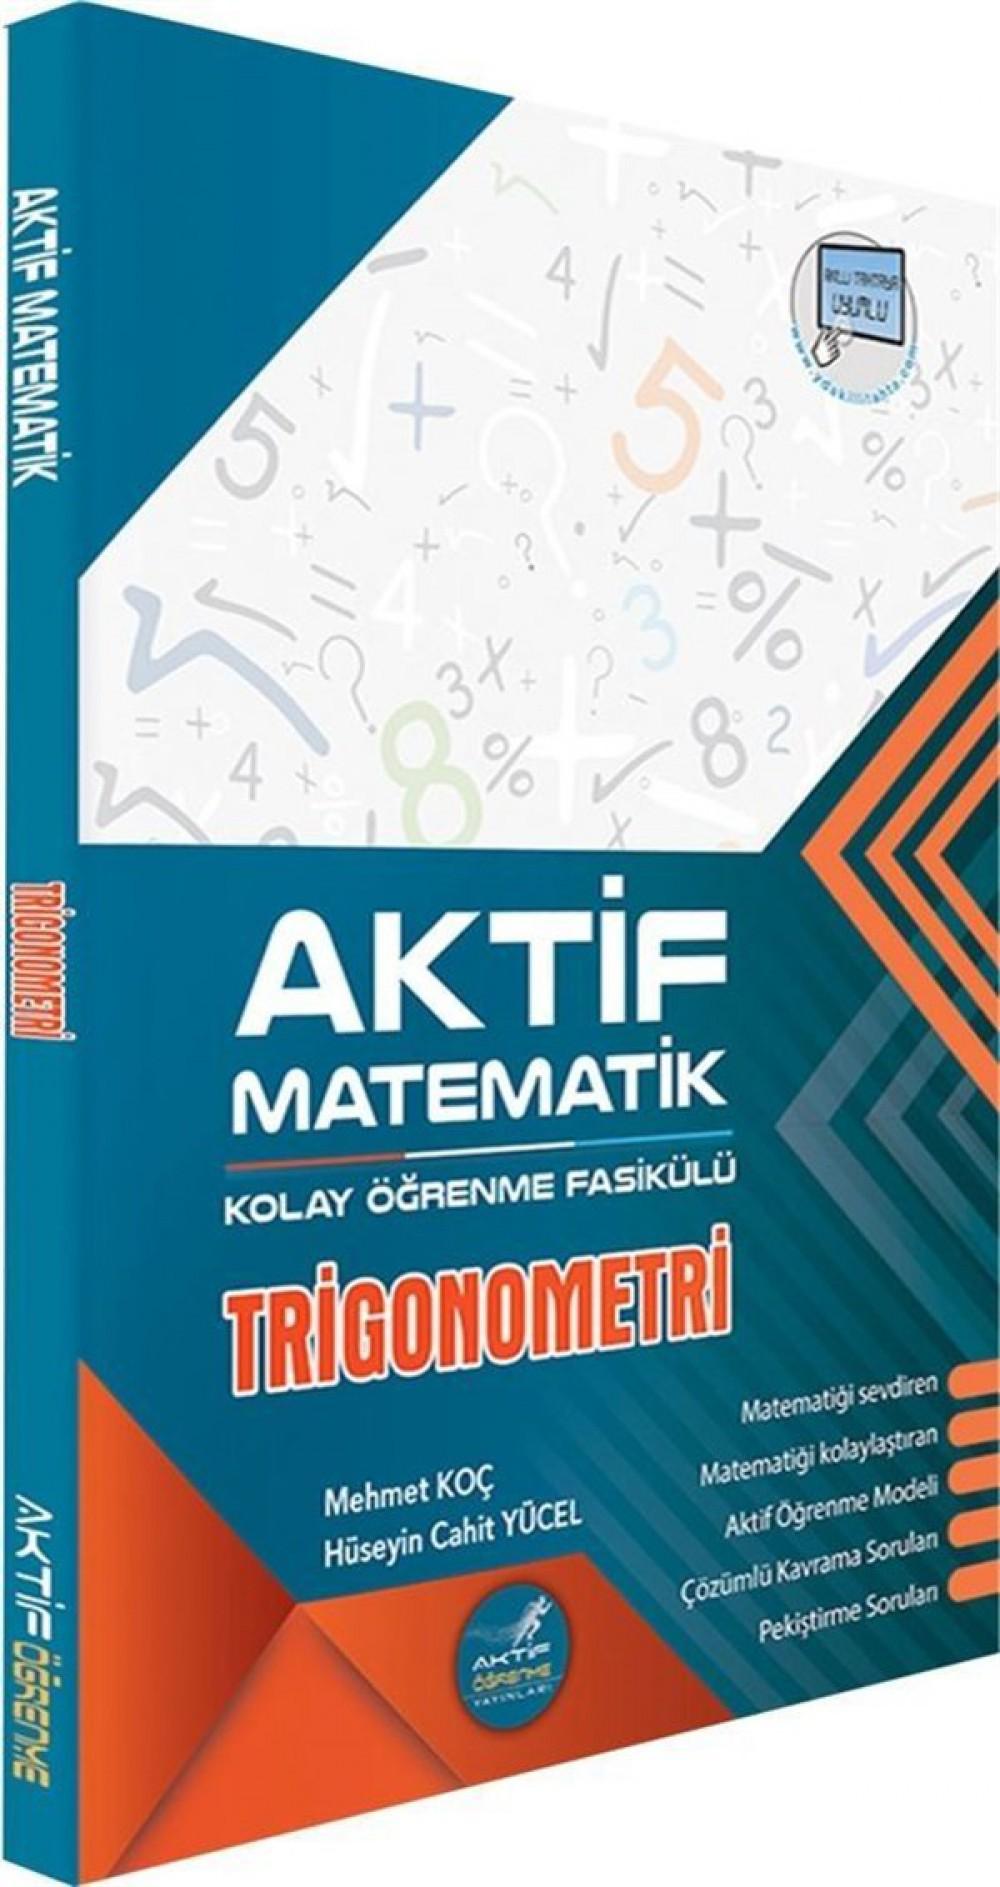 Aktif Öğrenme Yayınları Trigonometri Kolay Öğrenme Fasikülü